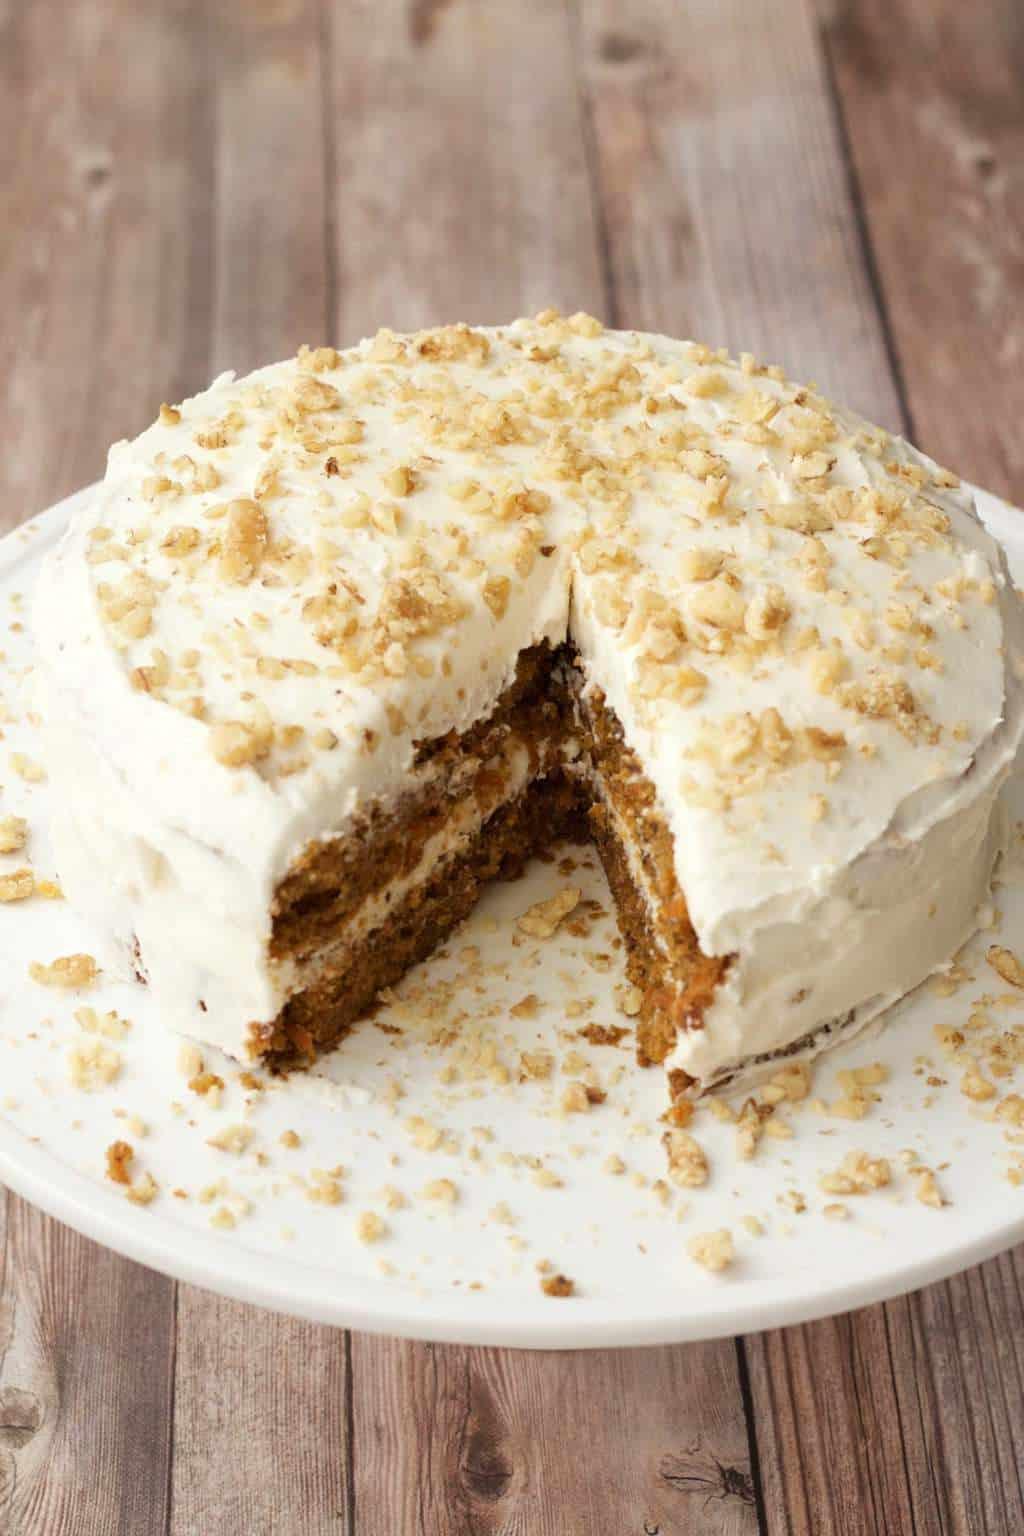 Healthy Vegan Carrot Cake  Moist Vegan Carrot Cake with Lemon Buttercream Frosting